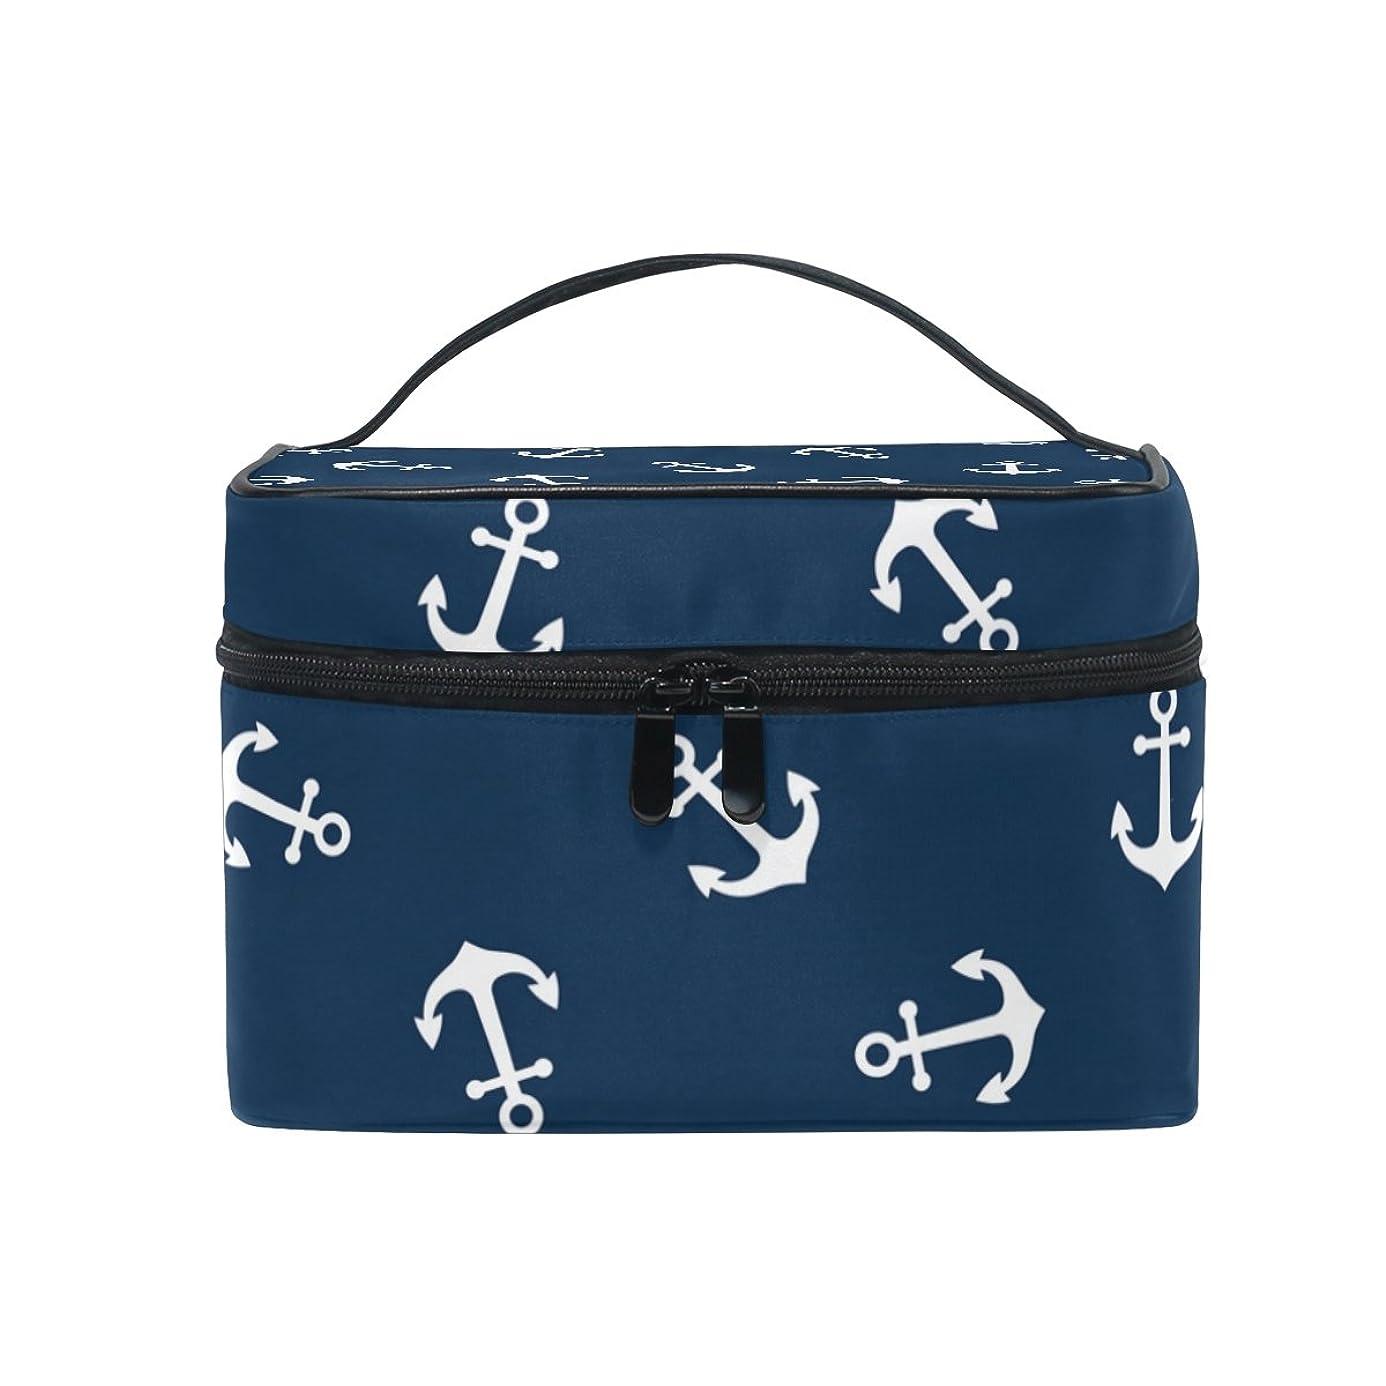 不器用昇る調整可能ALAZA 化粧ポーチ 海軍風 セーラー風 化粧 メイクボックス 収納用品 ブルー 大きめ かわいい